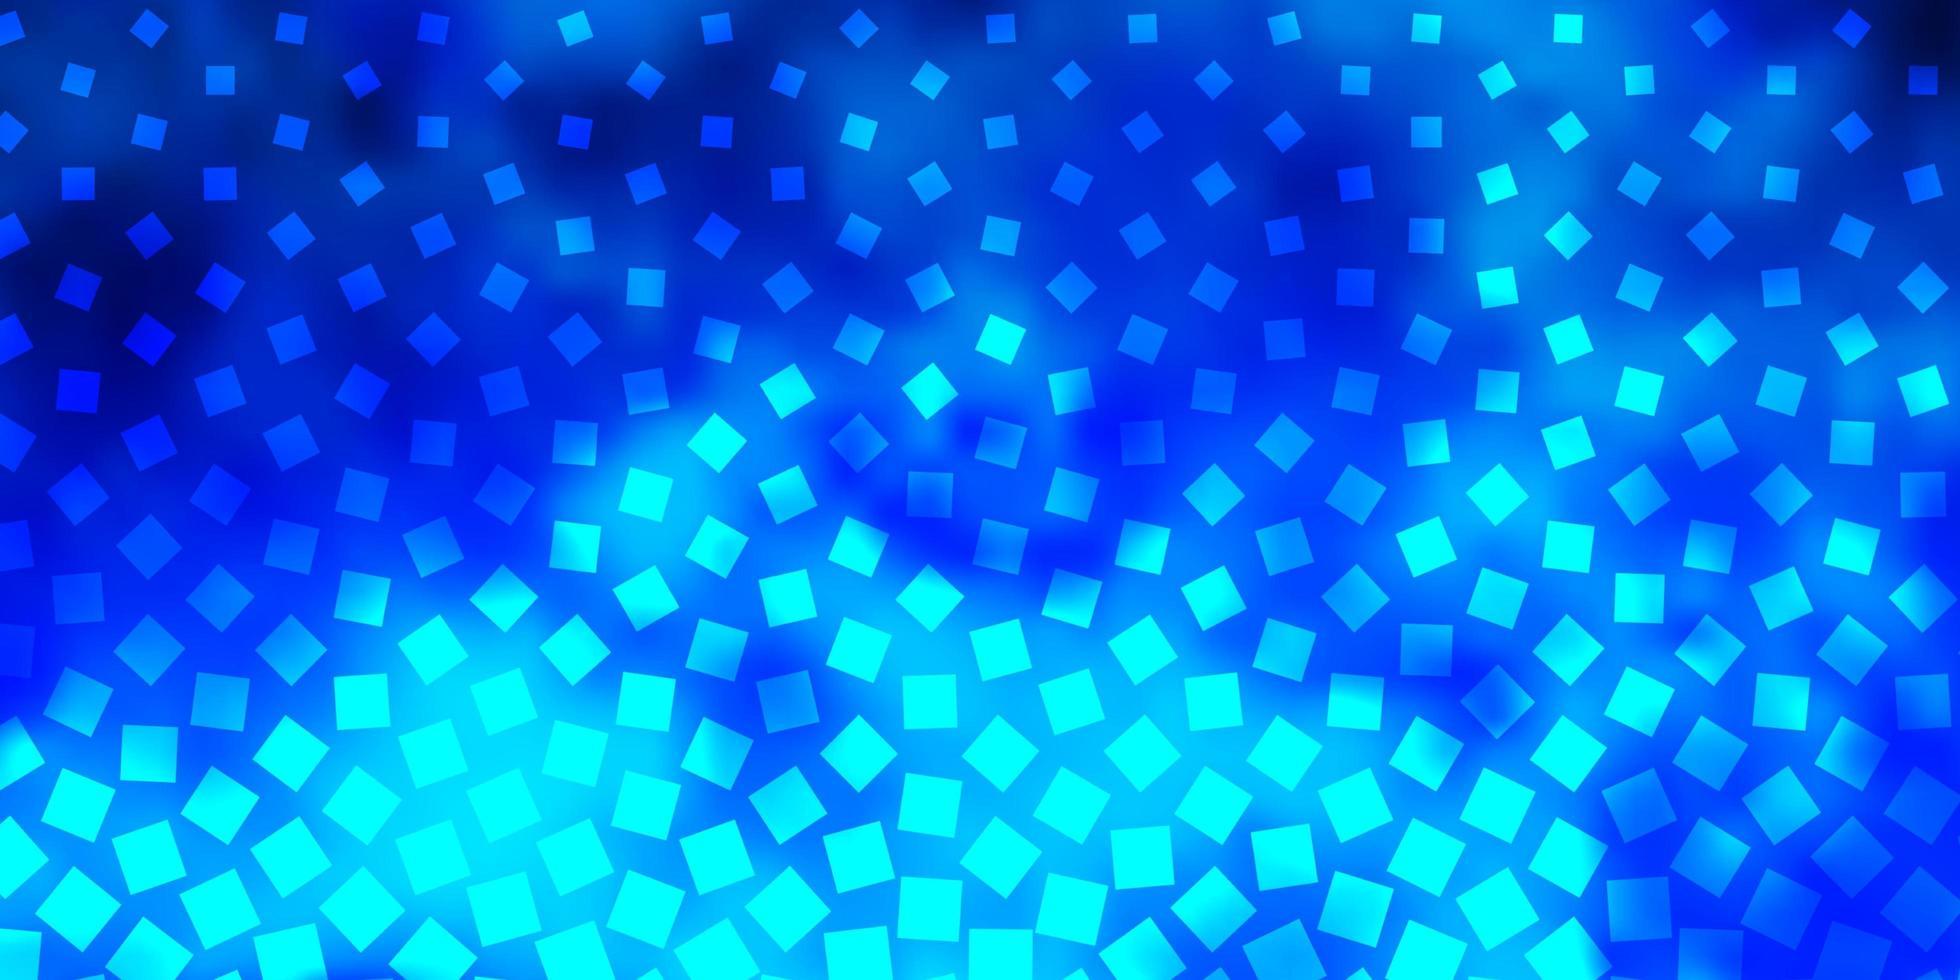 lichtblauwe vectorachtergrond in veelhoekige stijl. vector